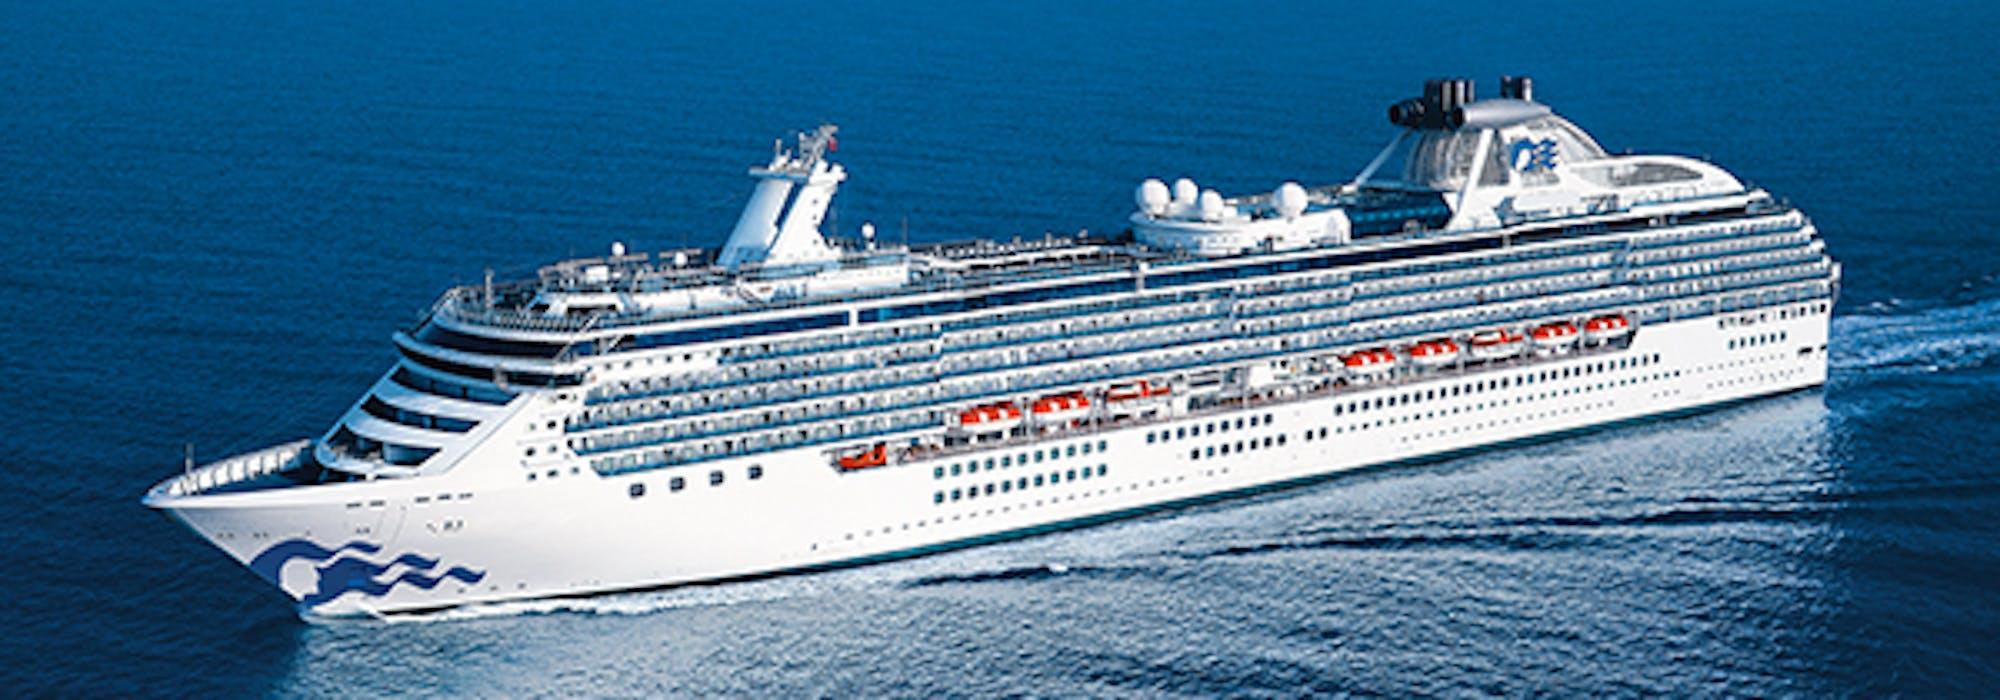 Bild tagen snett uppifrån på fartyget Coral Princess som kryssar fram.